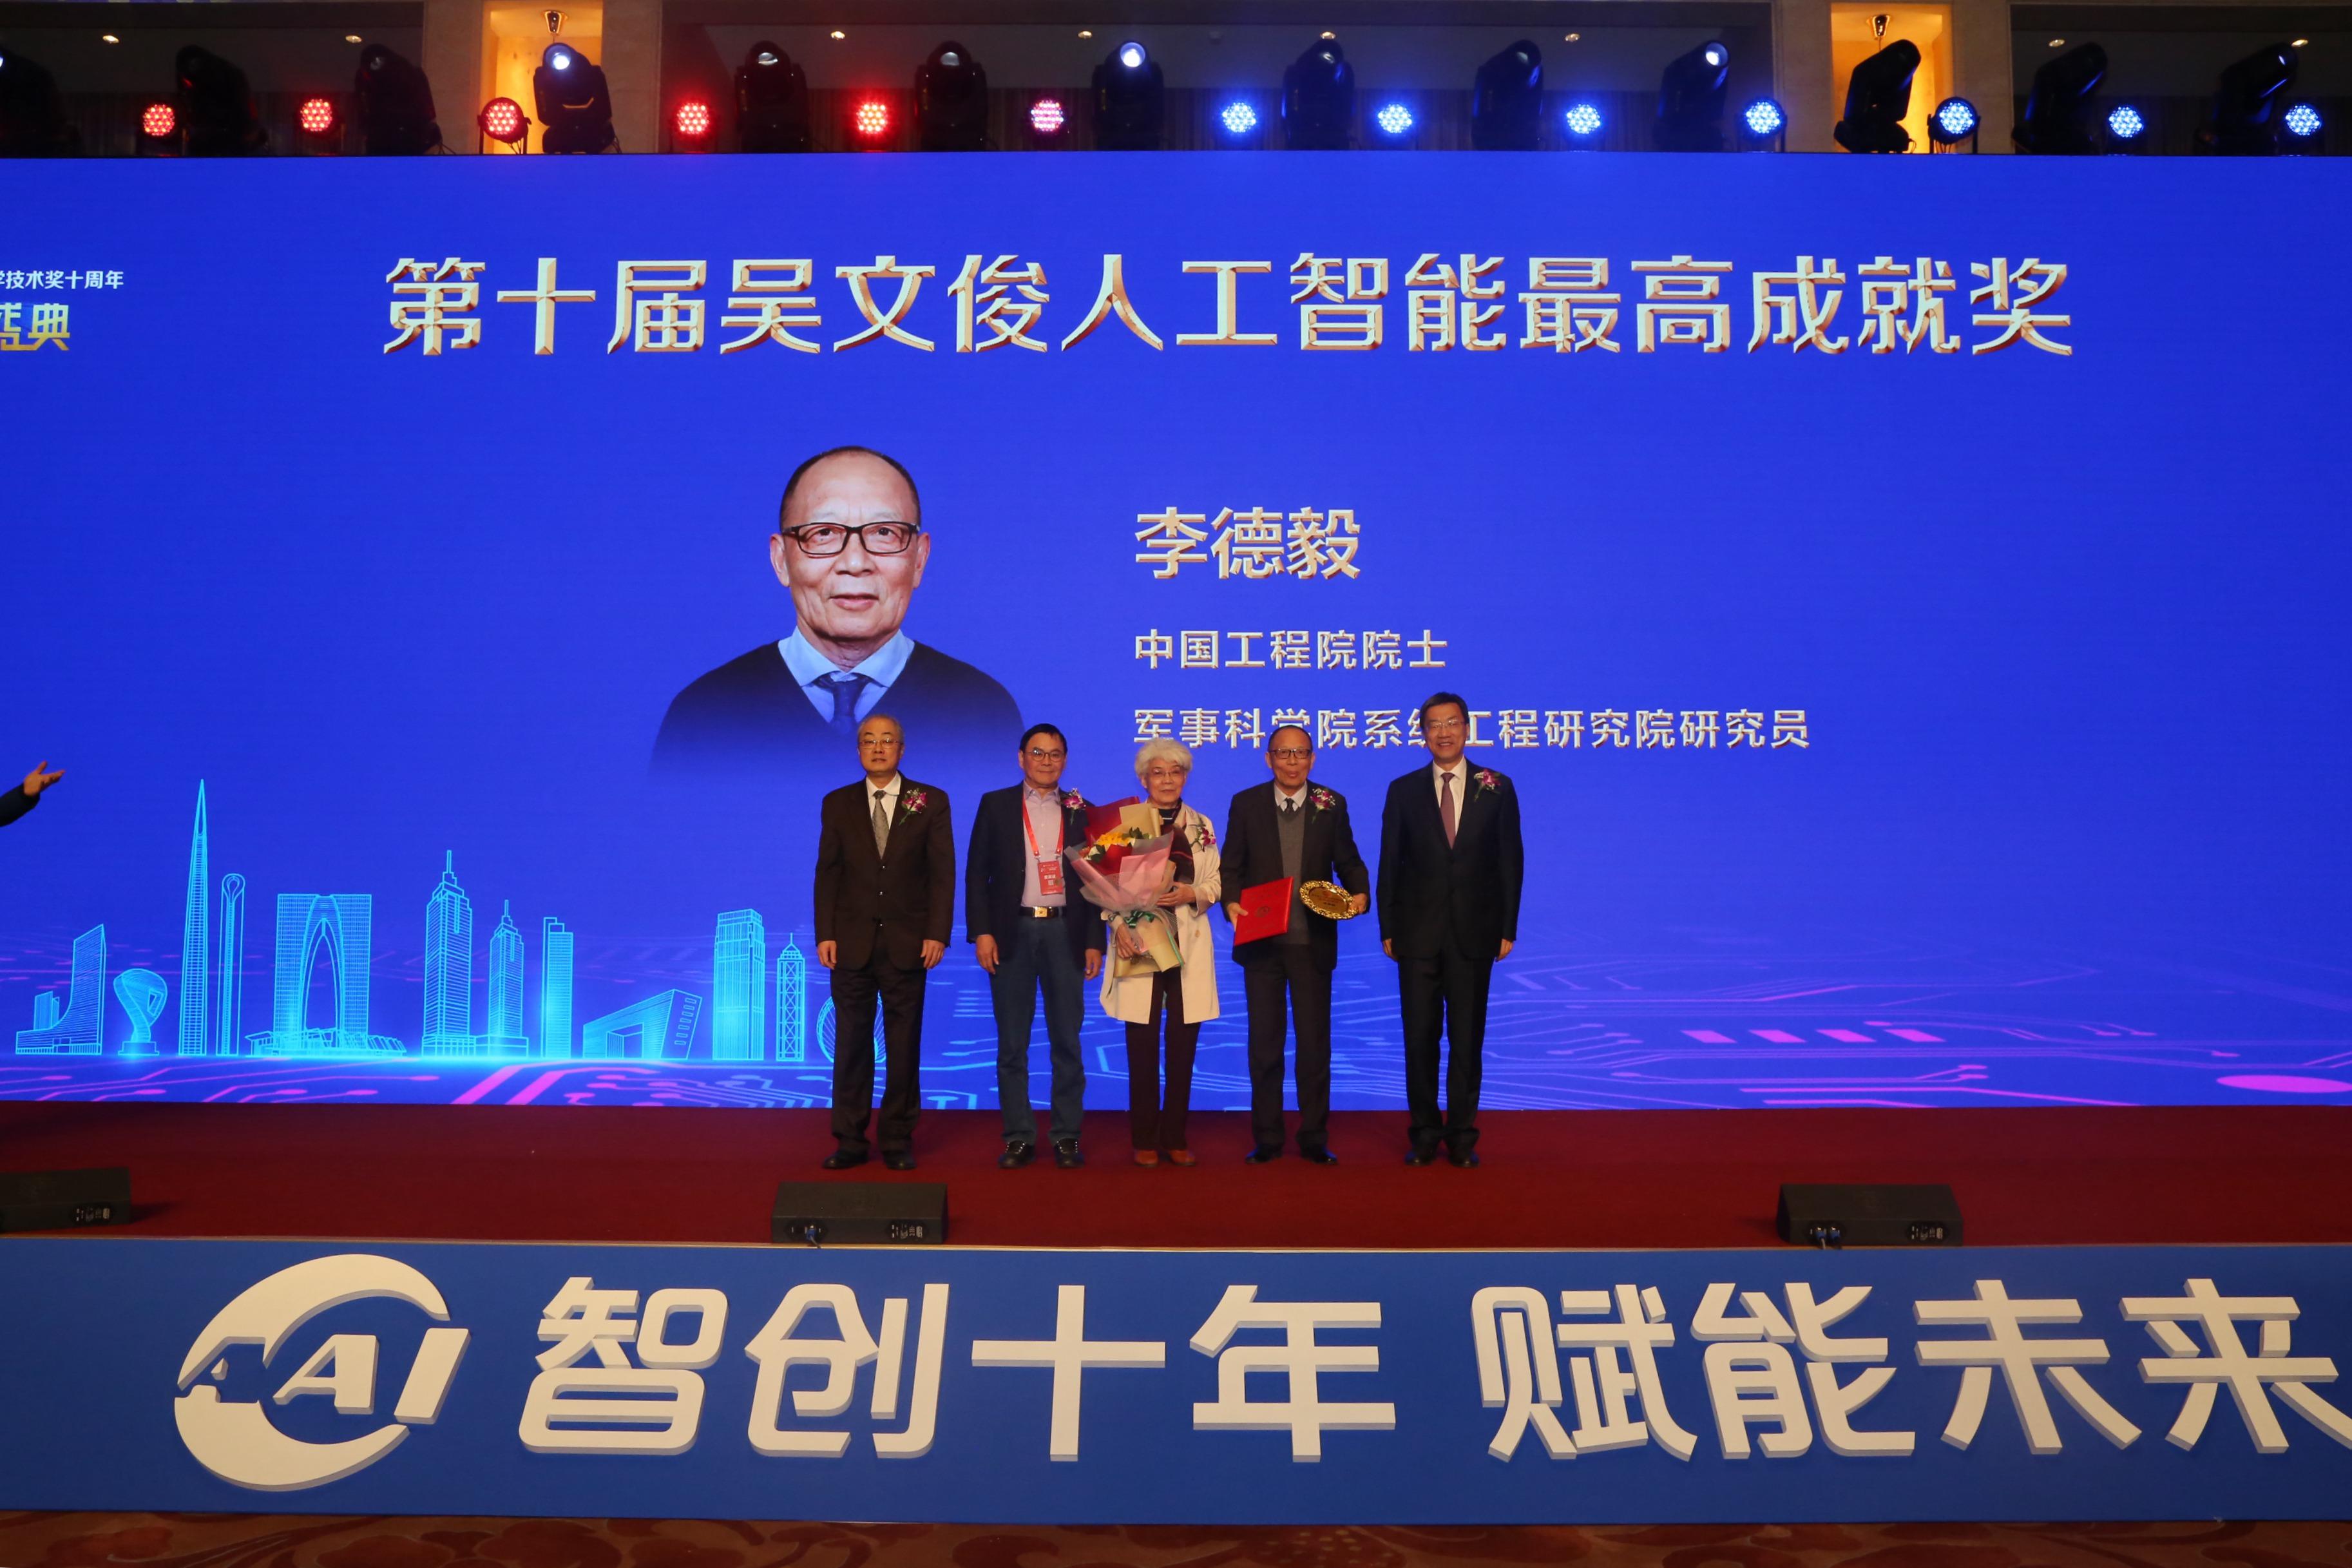 吴文俊人工智能科学技术奖十周年颁奖盛典在京举办